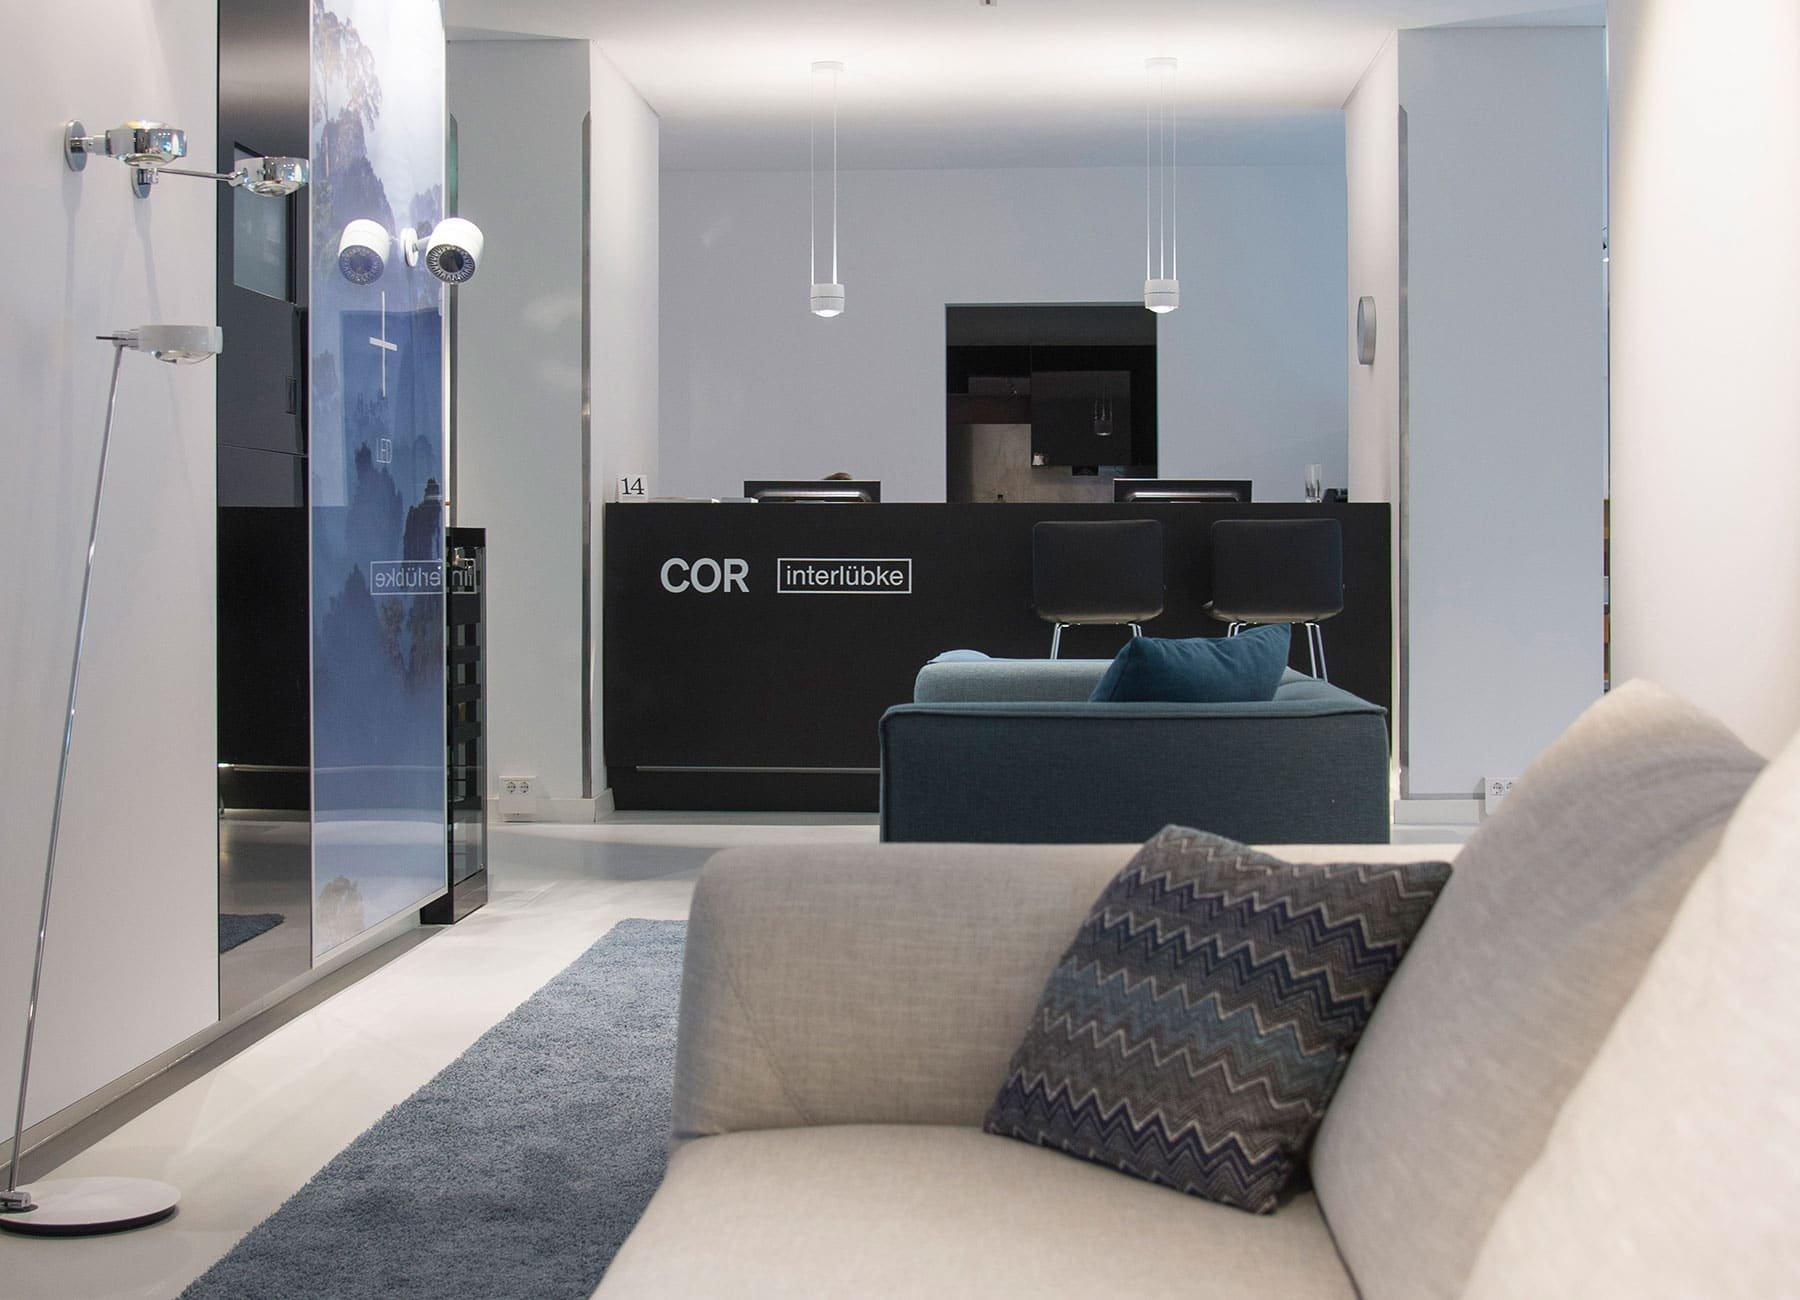 frischer wind f r m nchens wohnkultur cor. Black Bedroom Furniture Sets. Home Design Ideas